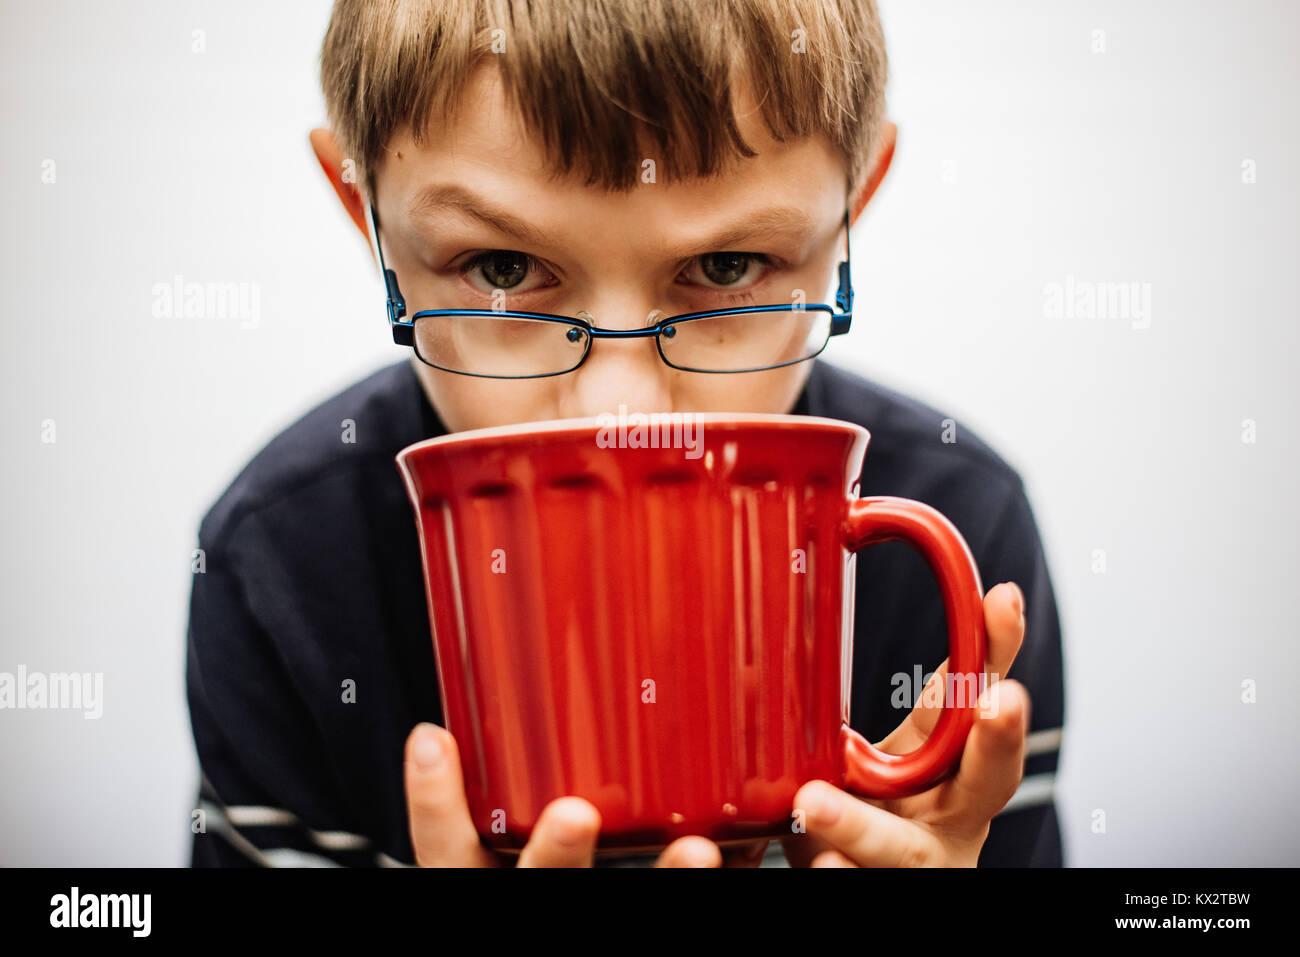 Un muchacho de 11 años con gafas mirando por encima del borde de una taza de té rojo. Imagen De Stock